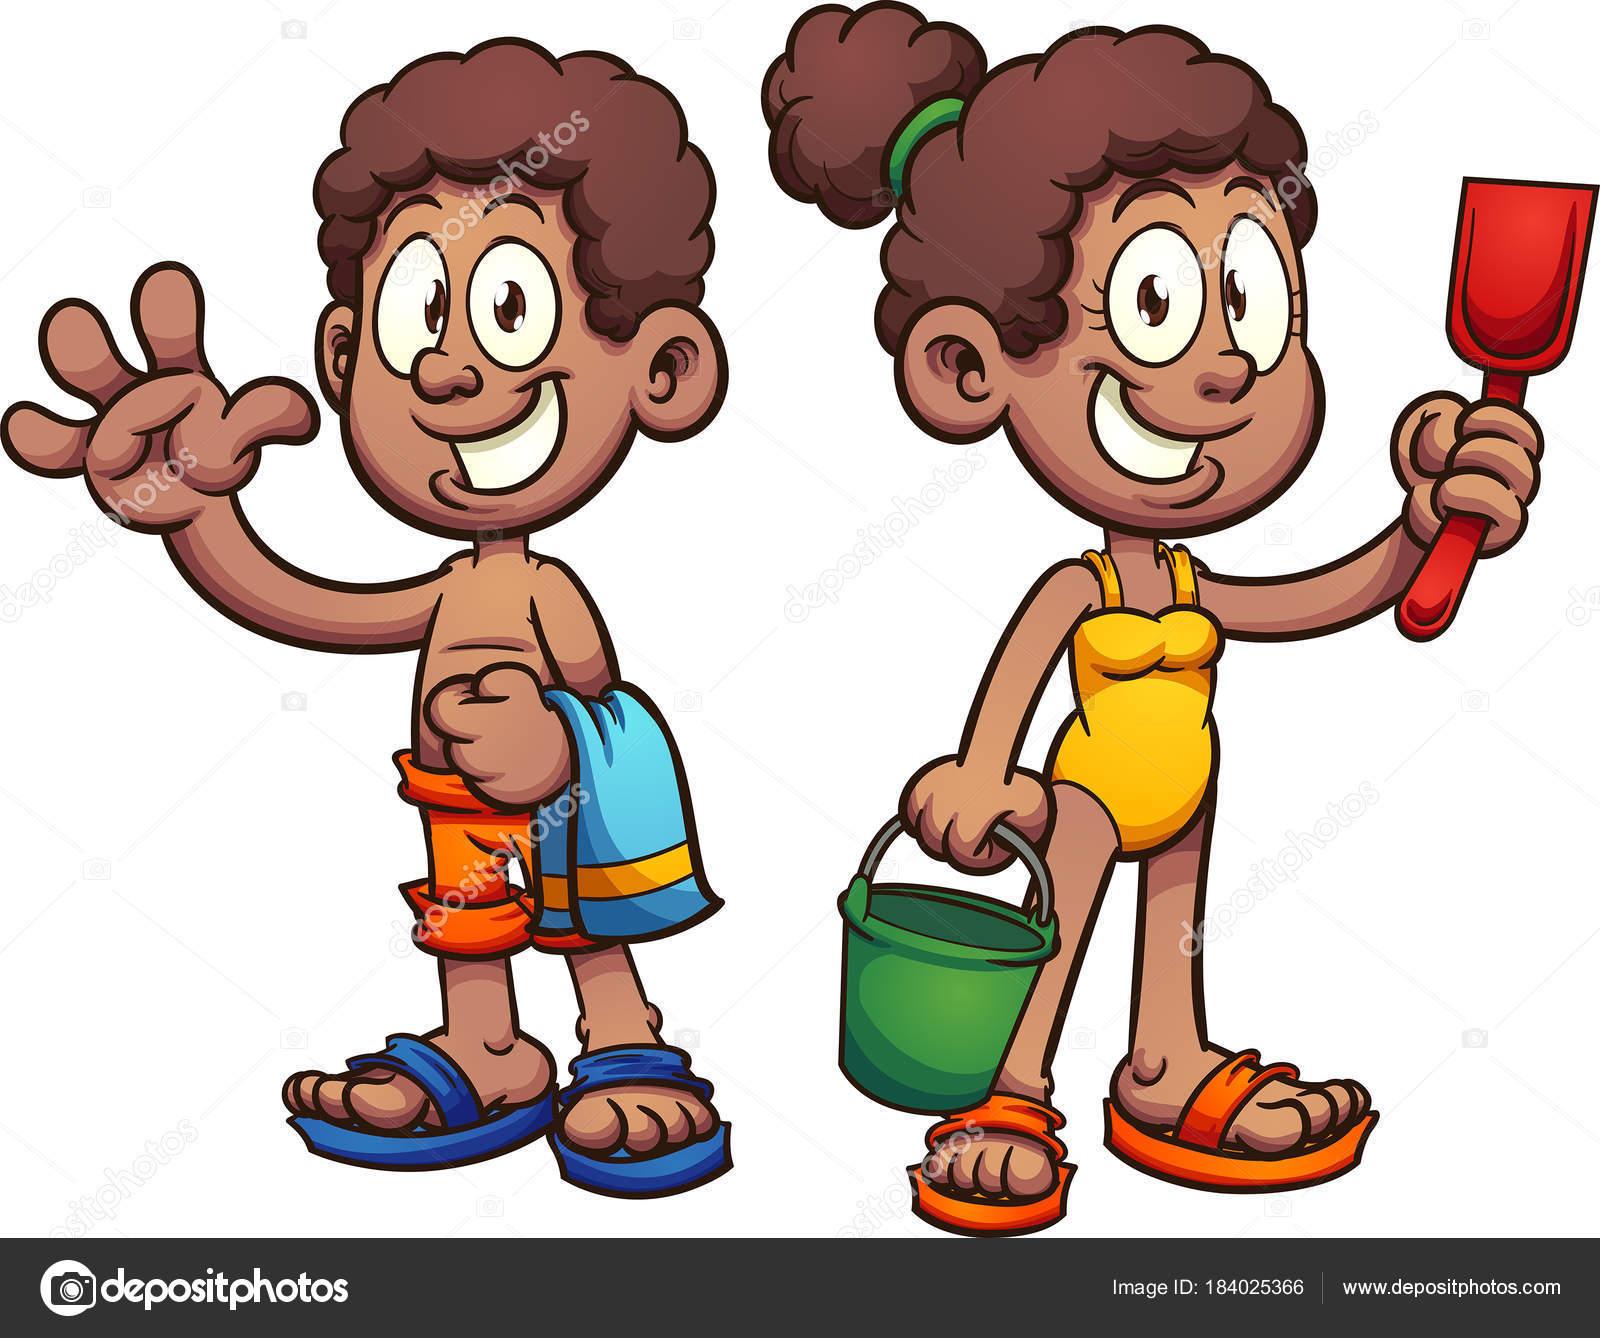 Bambini del fumetto nero con costumi da bagno vettoriali stock memoangeles 184025366 - Costumi da bagno stock ...